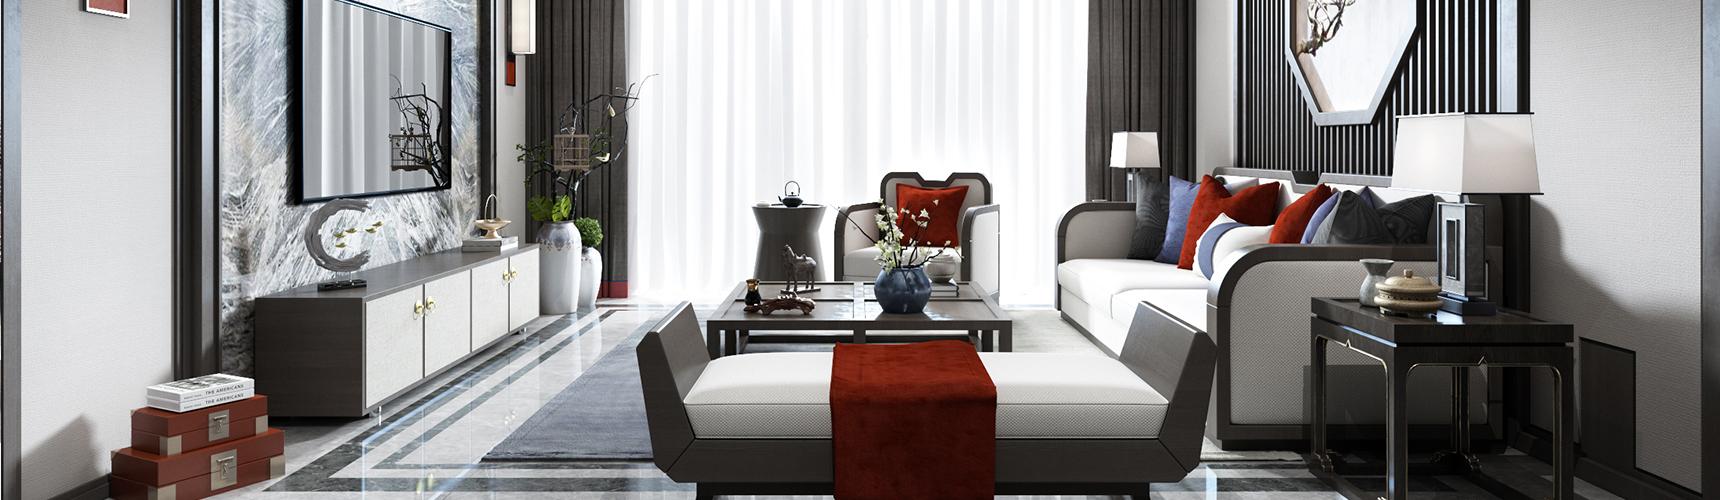 新中式客厅 沙发 吊灯 壁灯 台灯 茶几 地毯 窗帘 电视柜3D模型下载